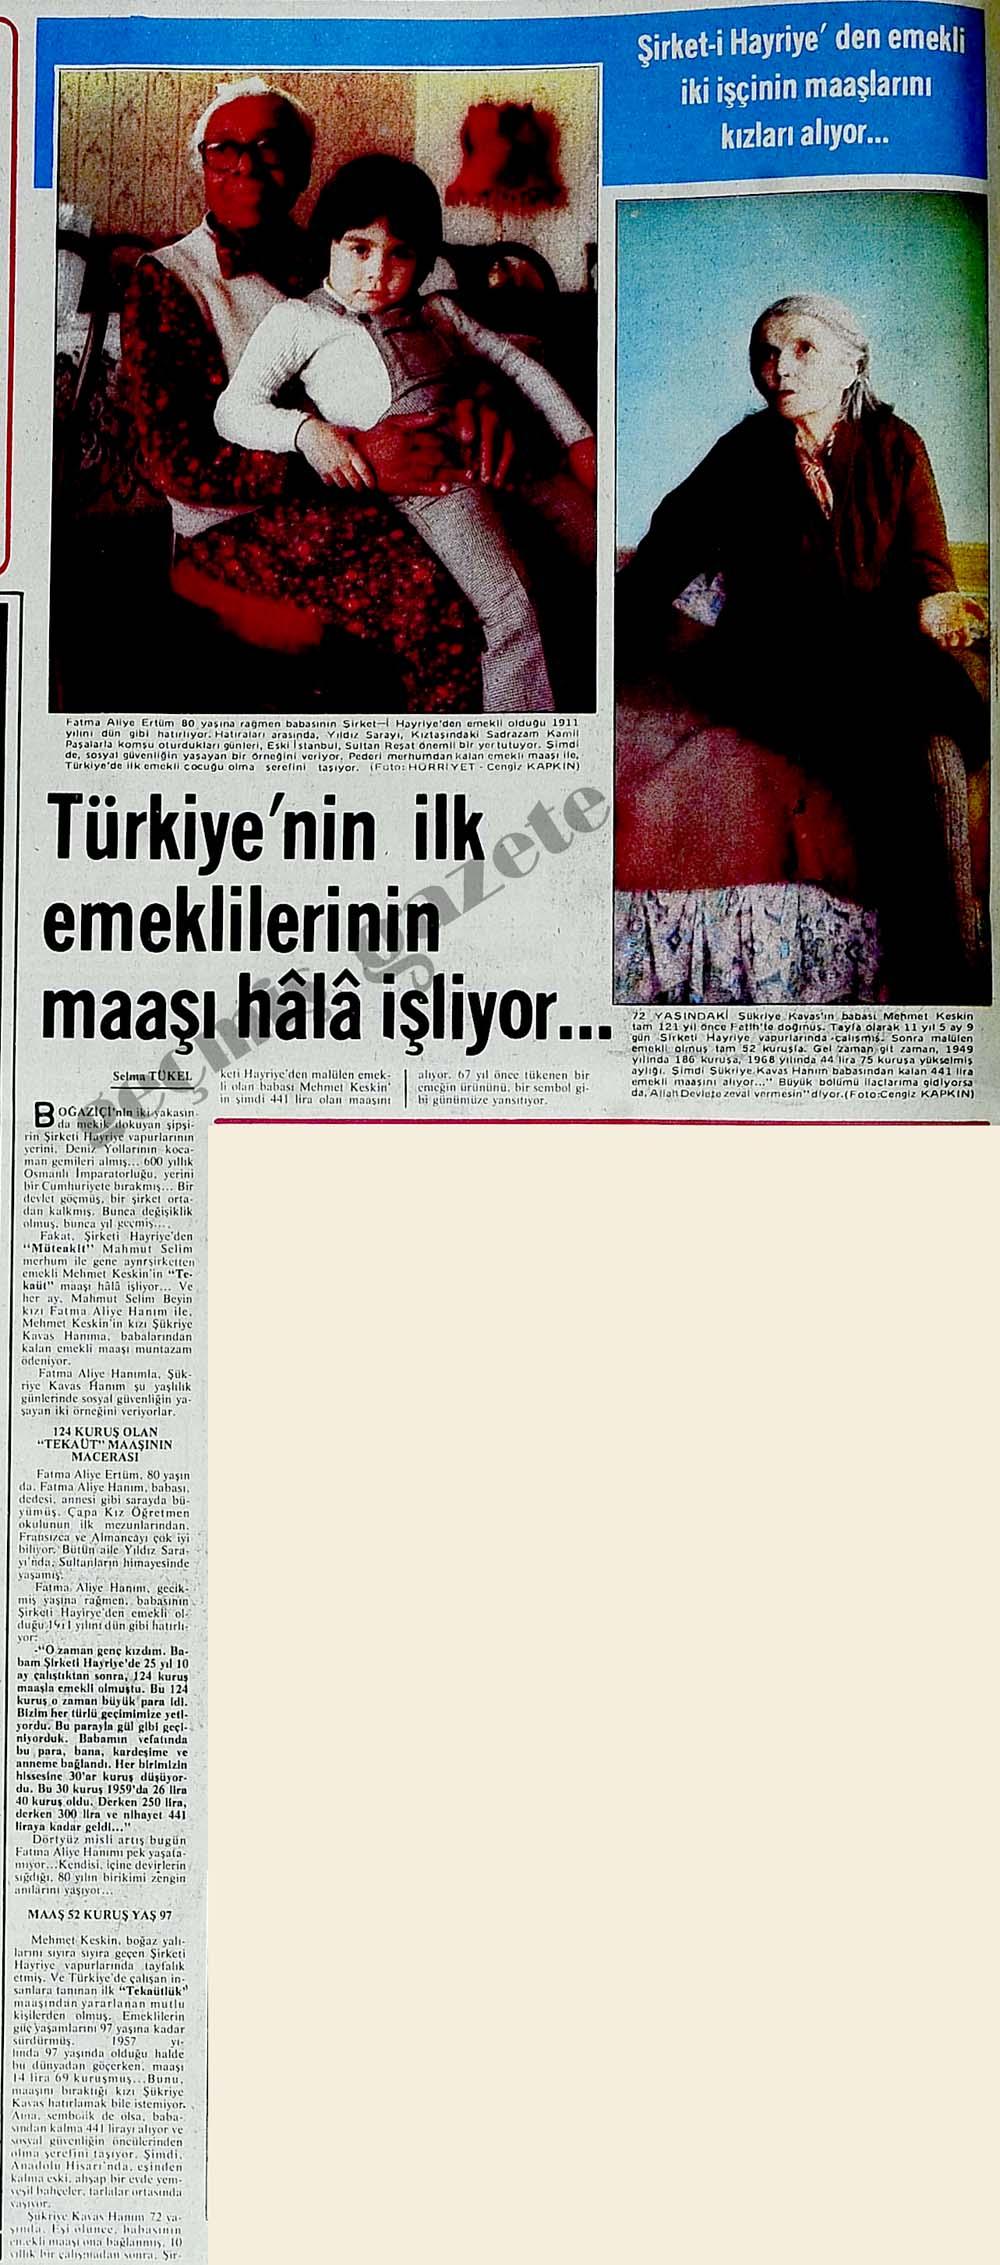 Türkiye'nin ilk emeklilerinin maaşı hala işliyor...